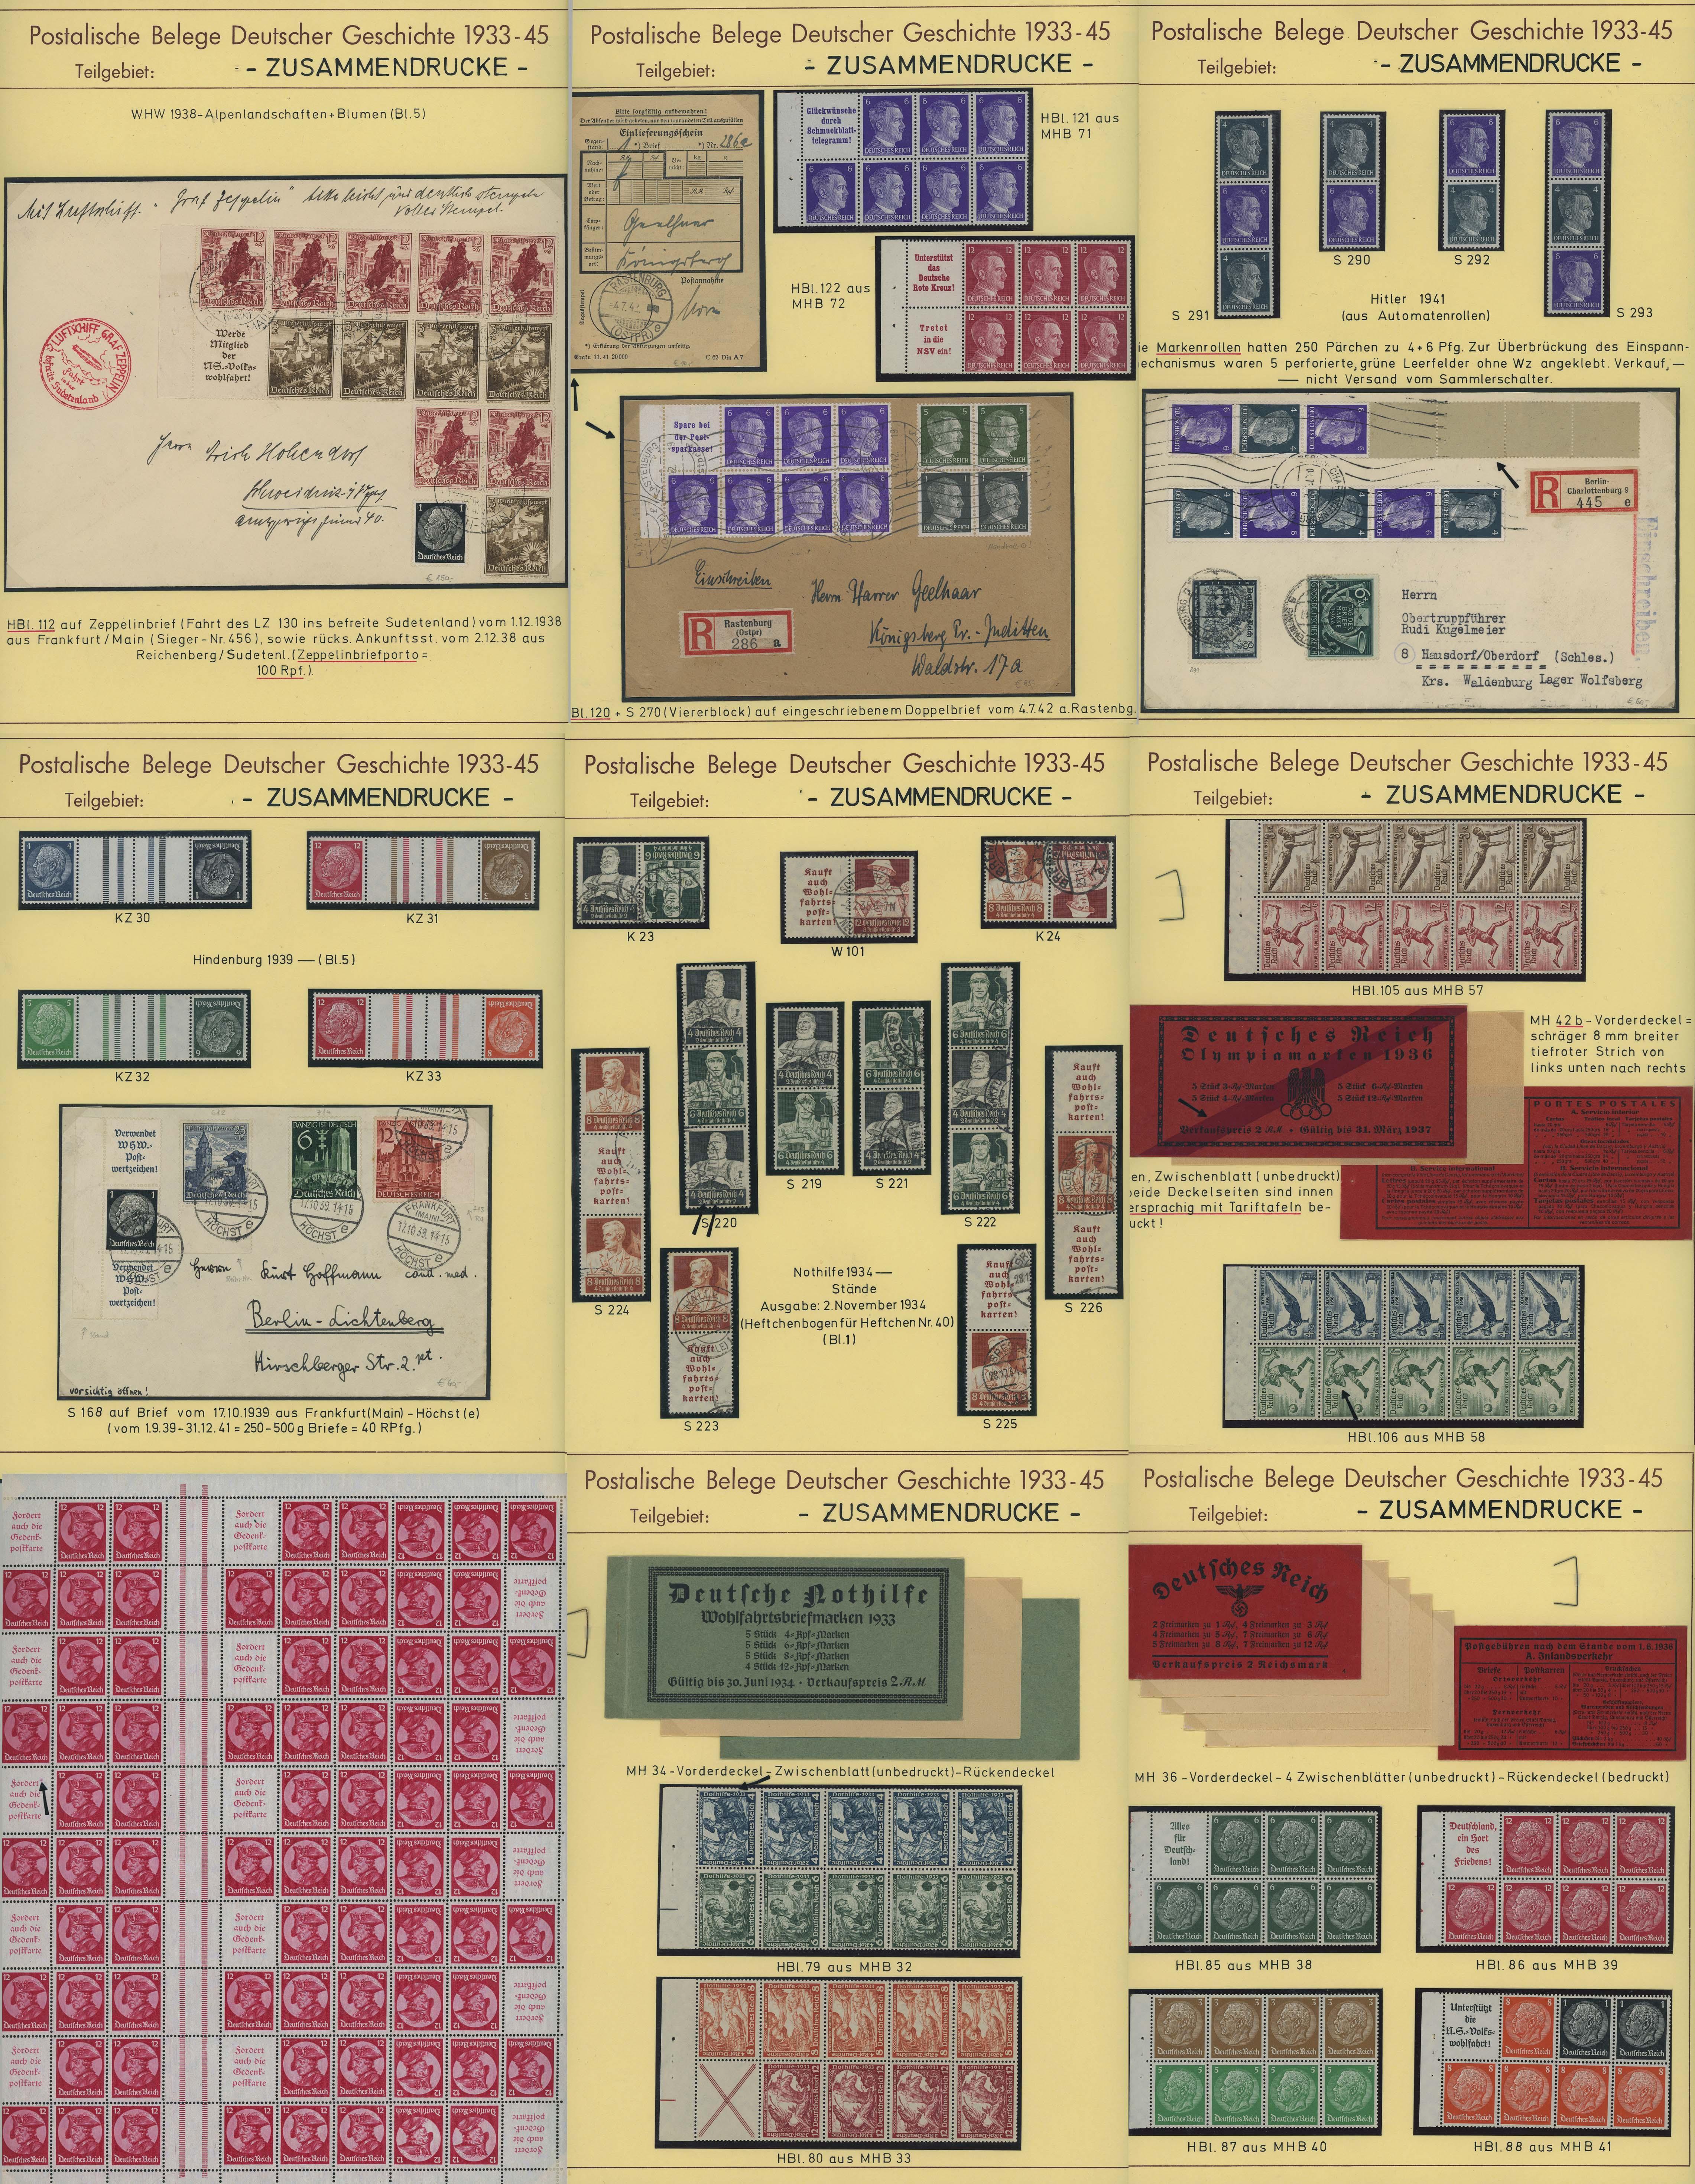 Lot 7344 - Deutsches Reich_Zusammendrucke S -  Auktionshaus Ulrich Felzmann GmbH & Co. KG Auction 170 International Autumn Auction 2020 Day 5